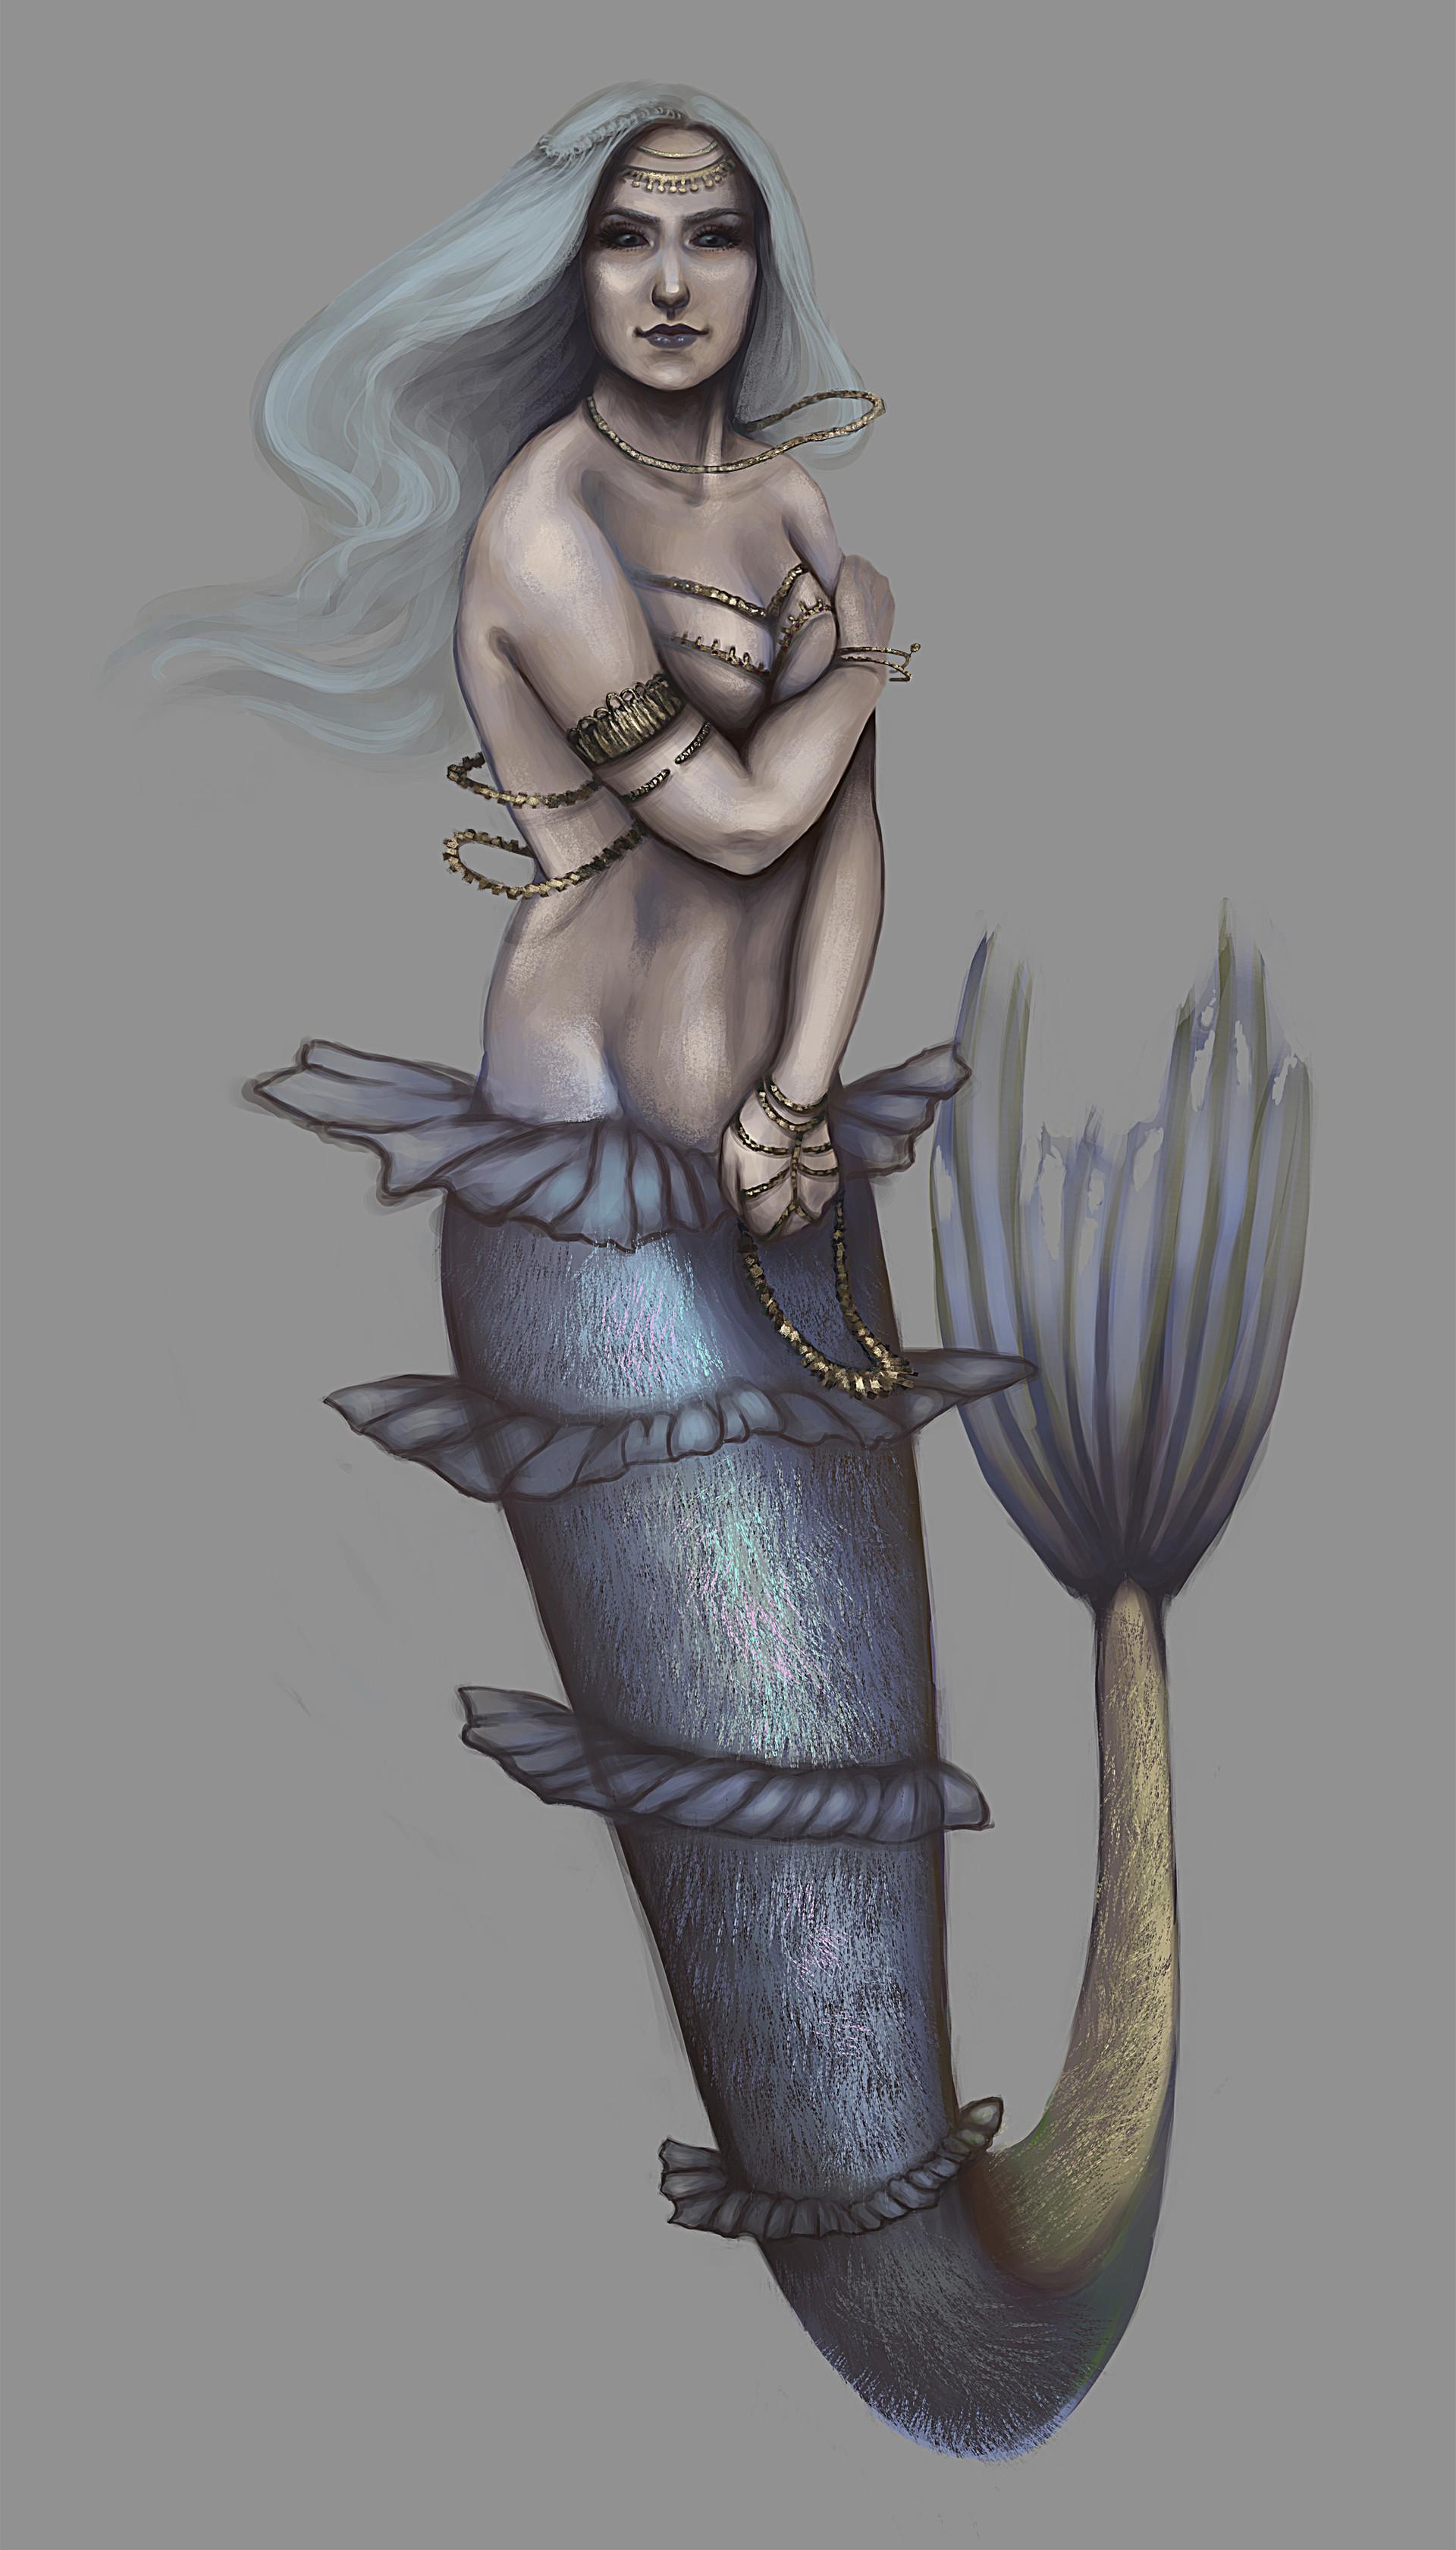 Teodora dimova 9